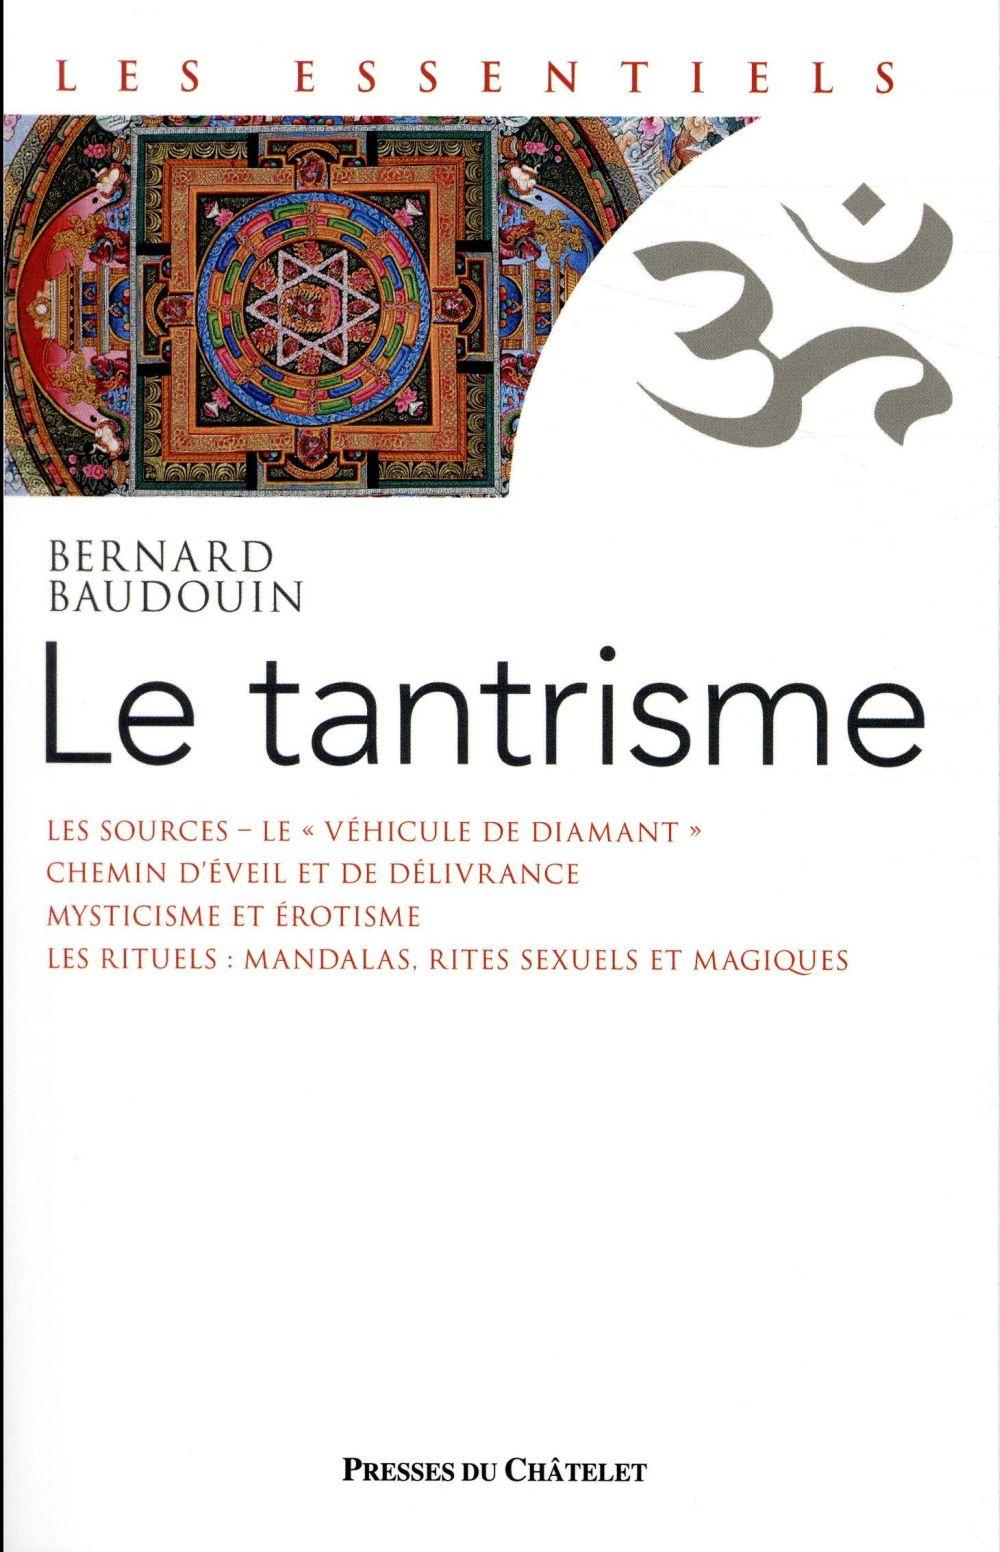 BAUDOUIN BERNARD - LE TANTRISME - UNE VOIE DE LIBERATION IMMED